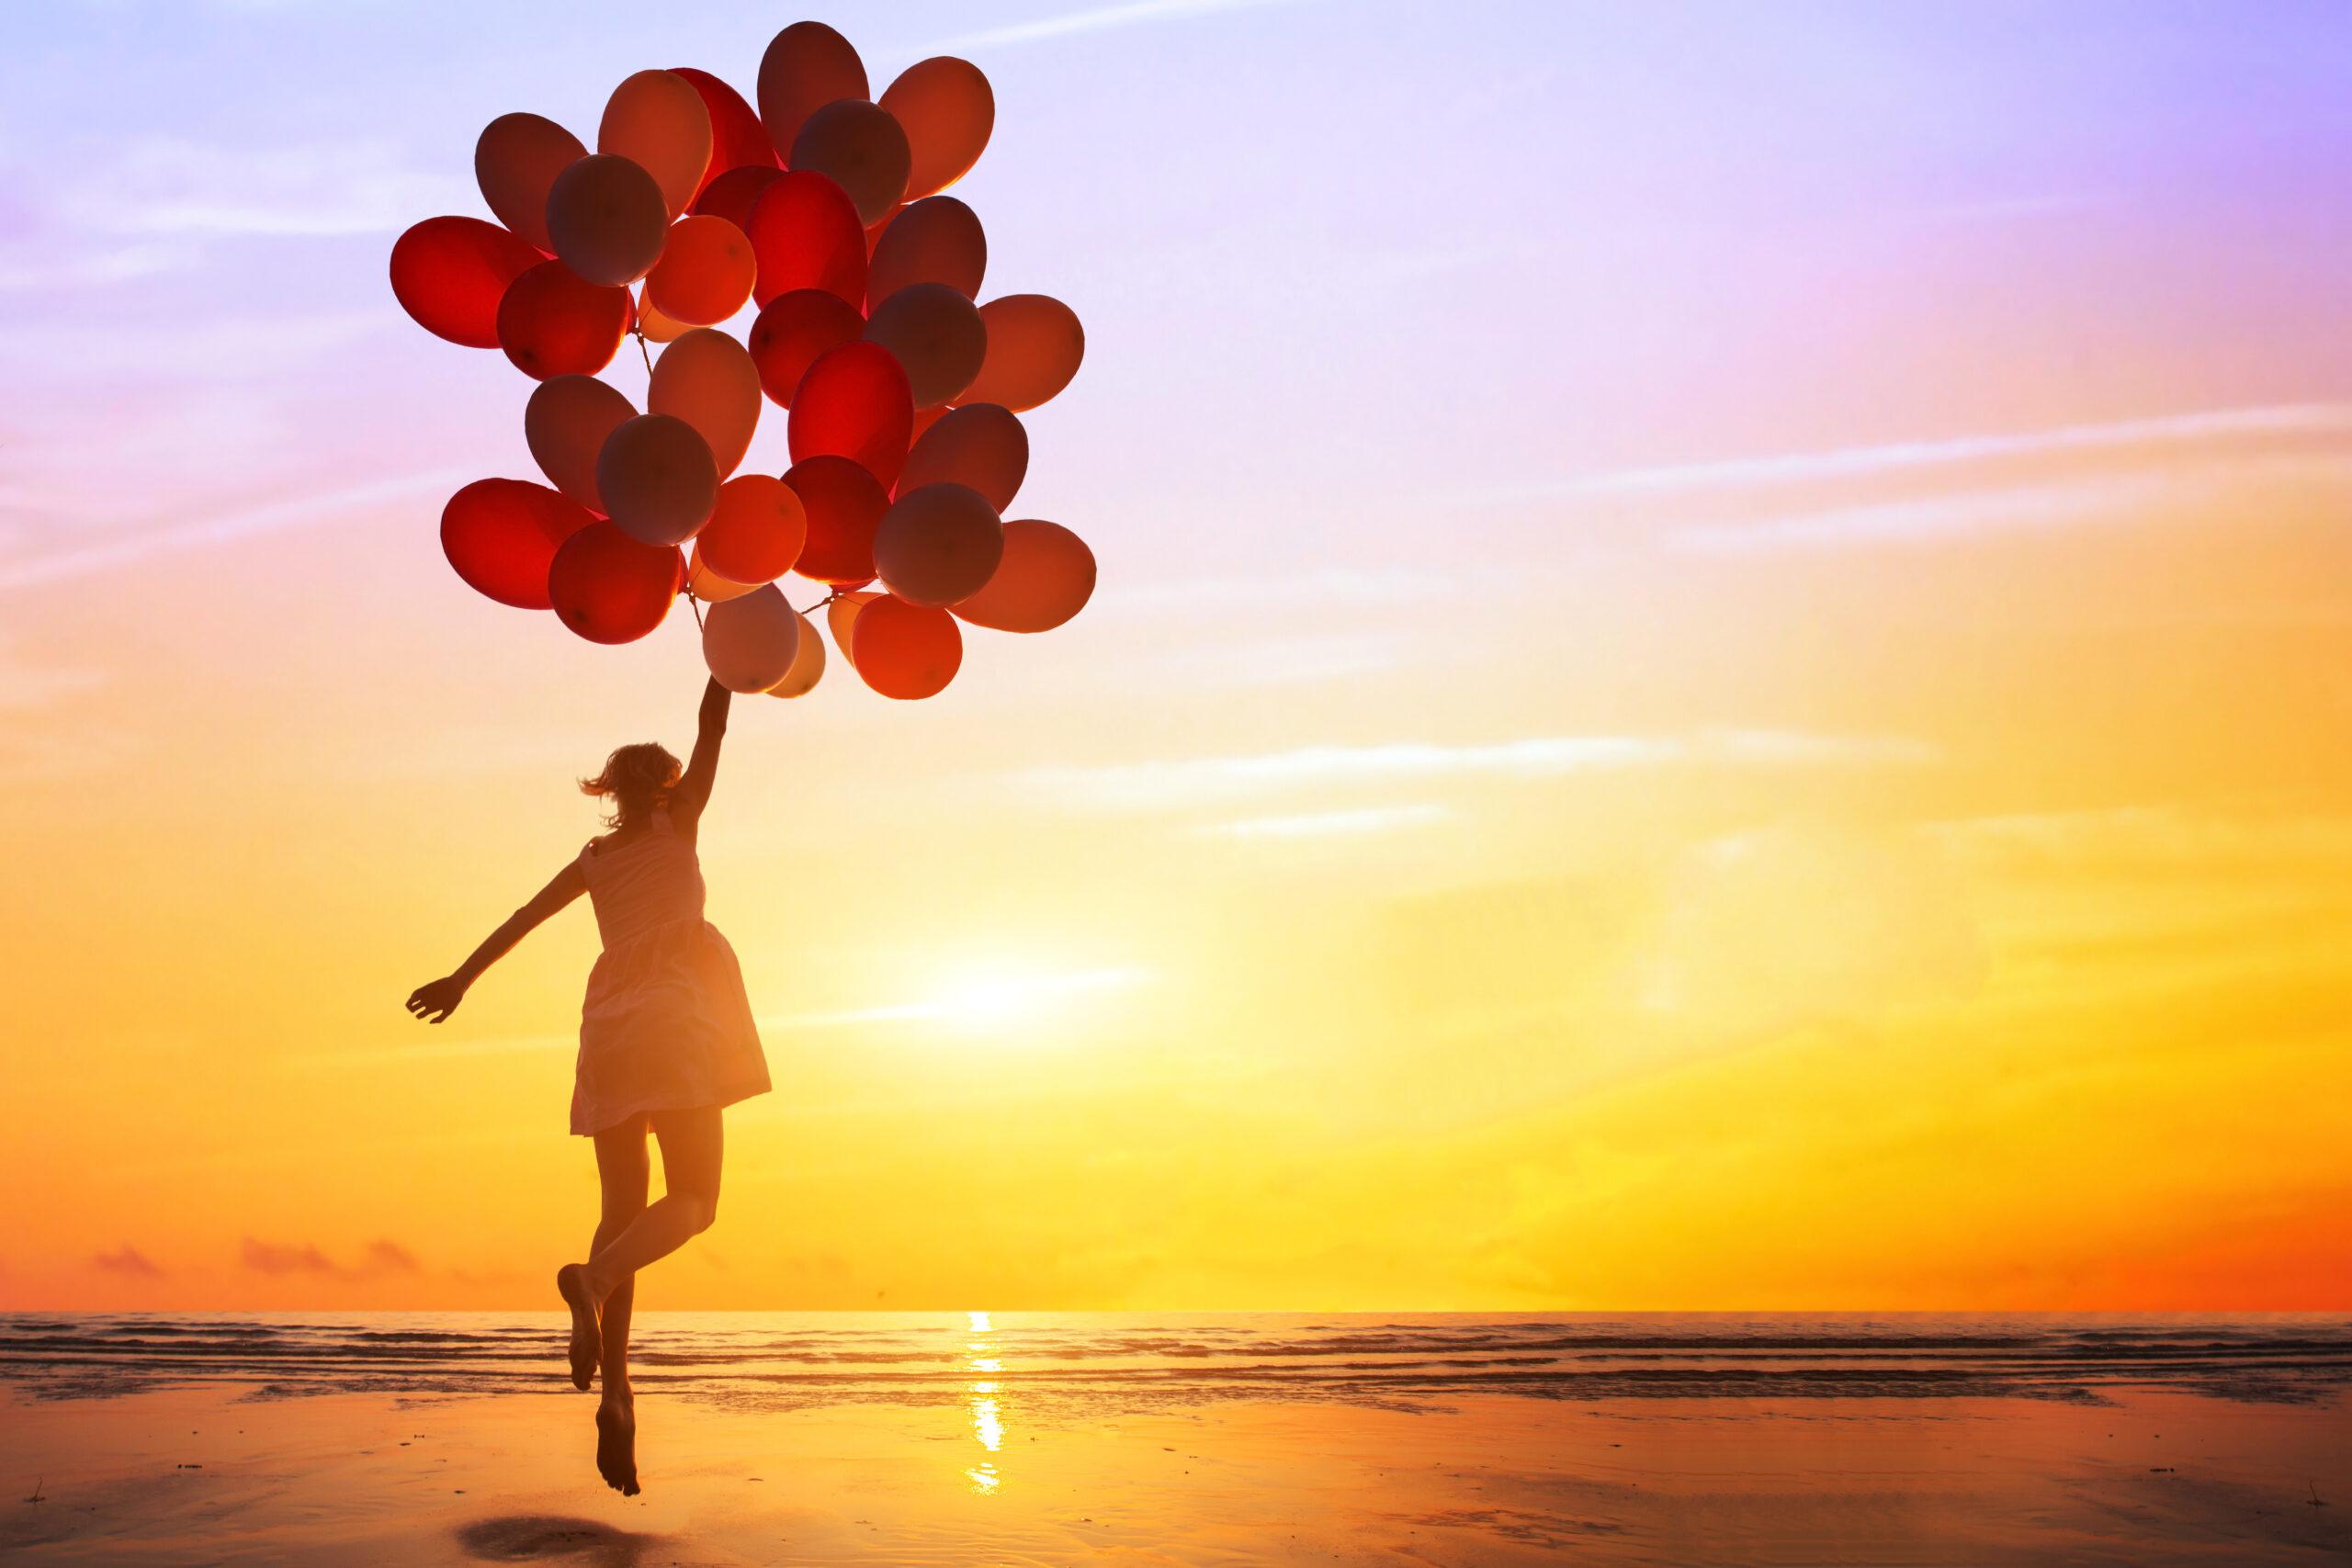 夕暮れの海岸で、幸せな女性が多彩色の風船で飛び跳ぶ姿